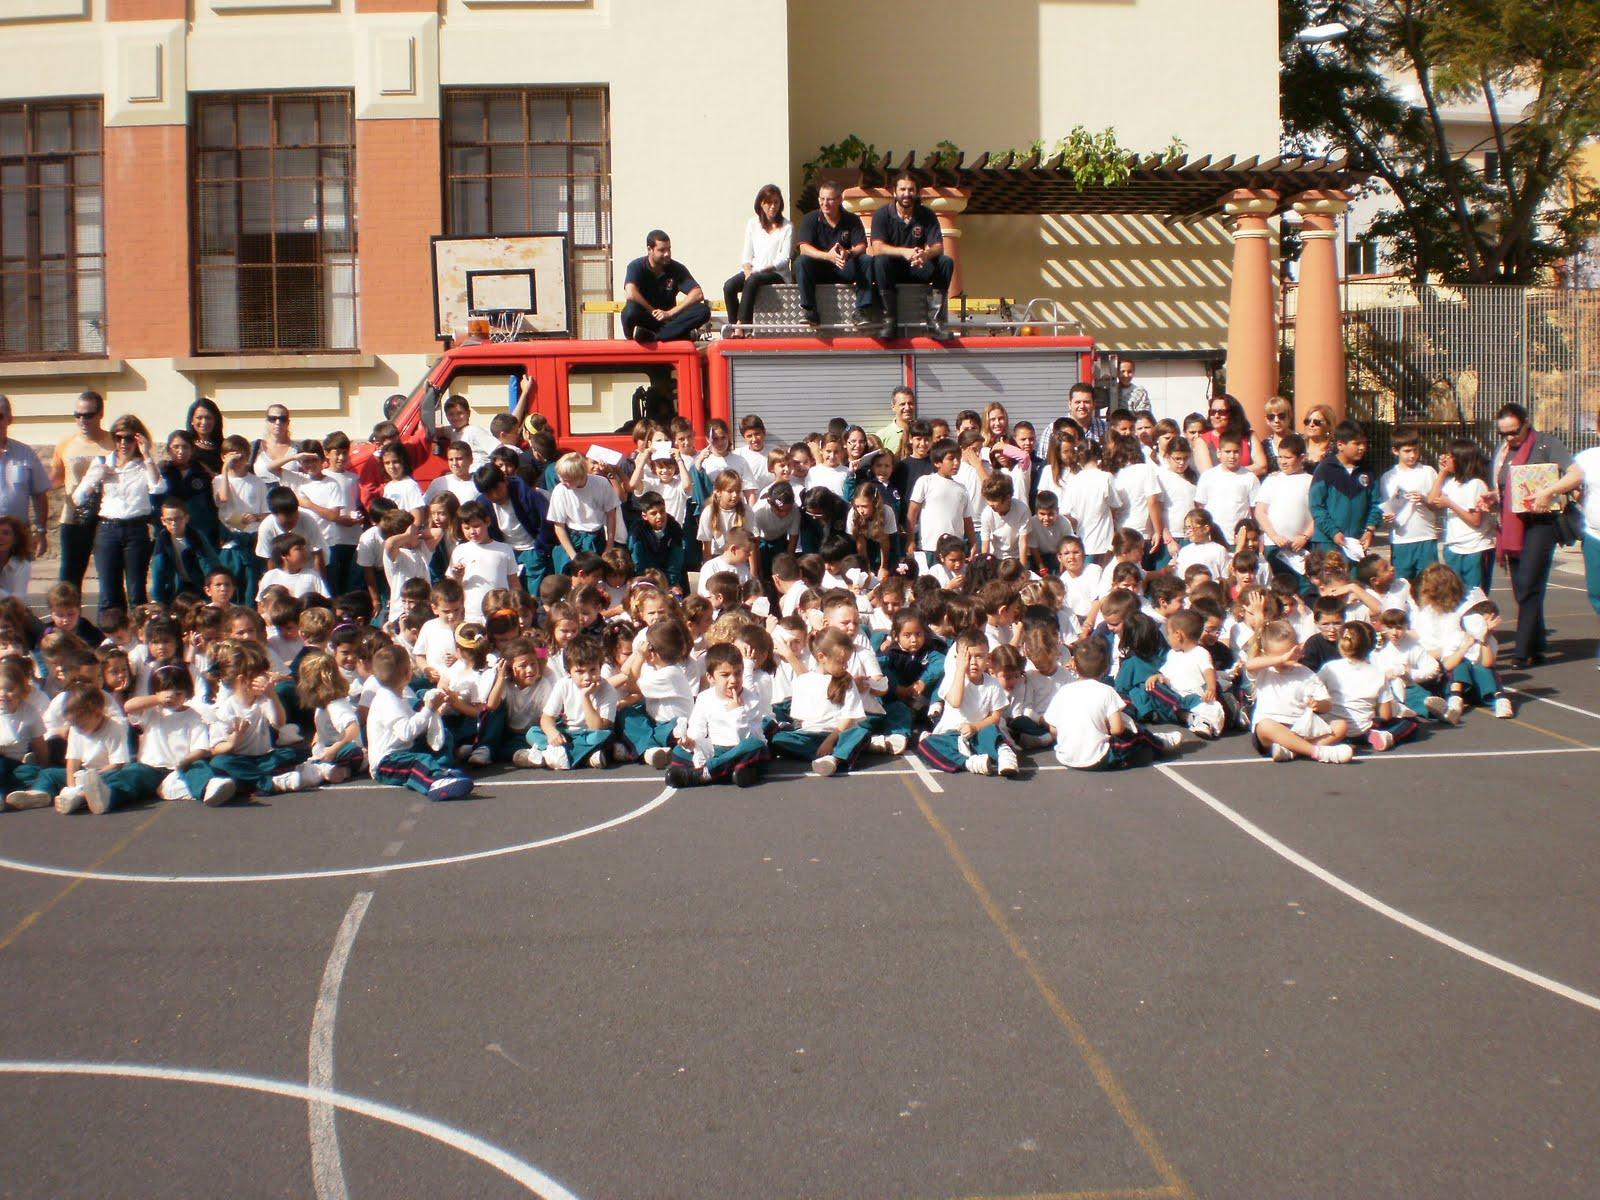 Bomberos de tenerife campa a de navidad 2010 visita al - Colegio aparejadores tenerife ...